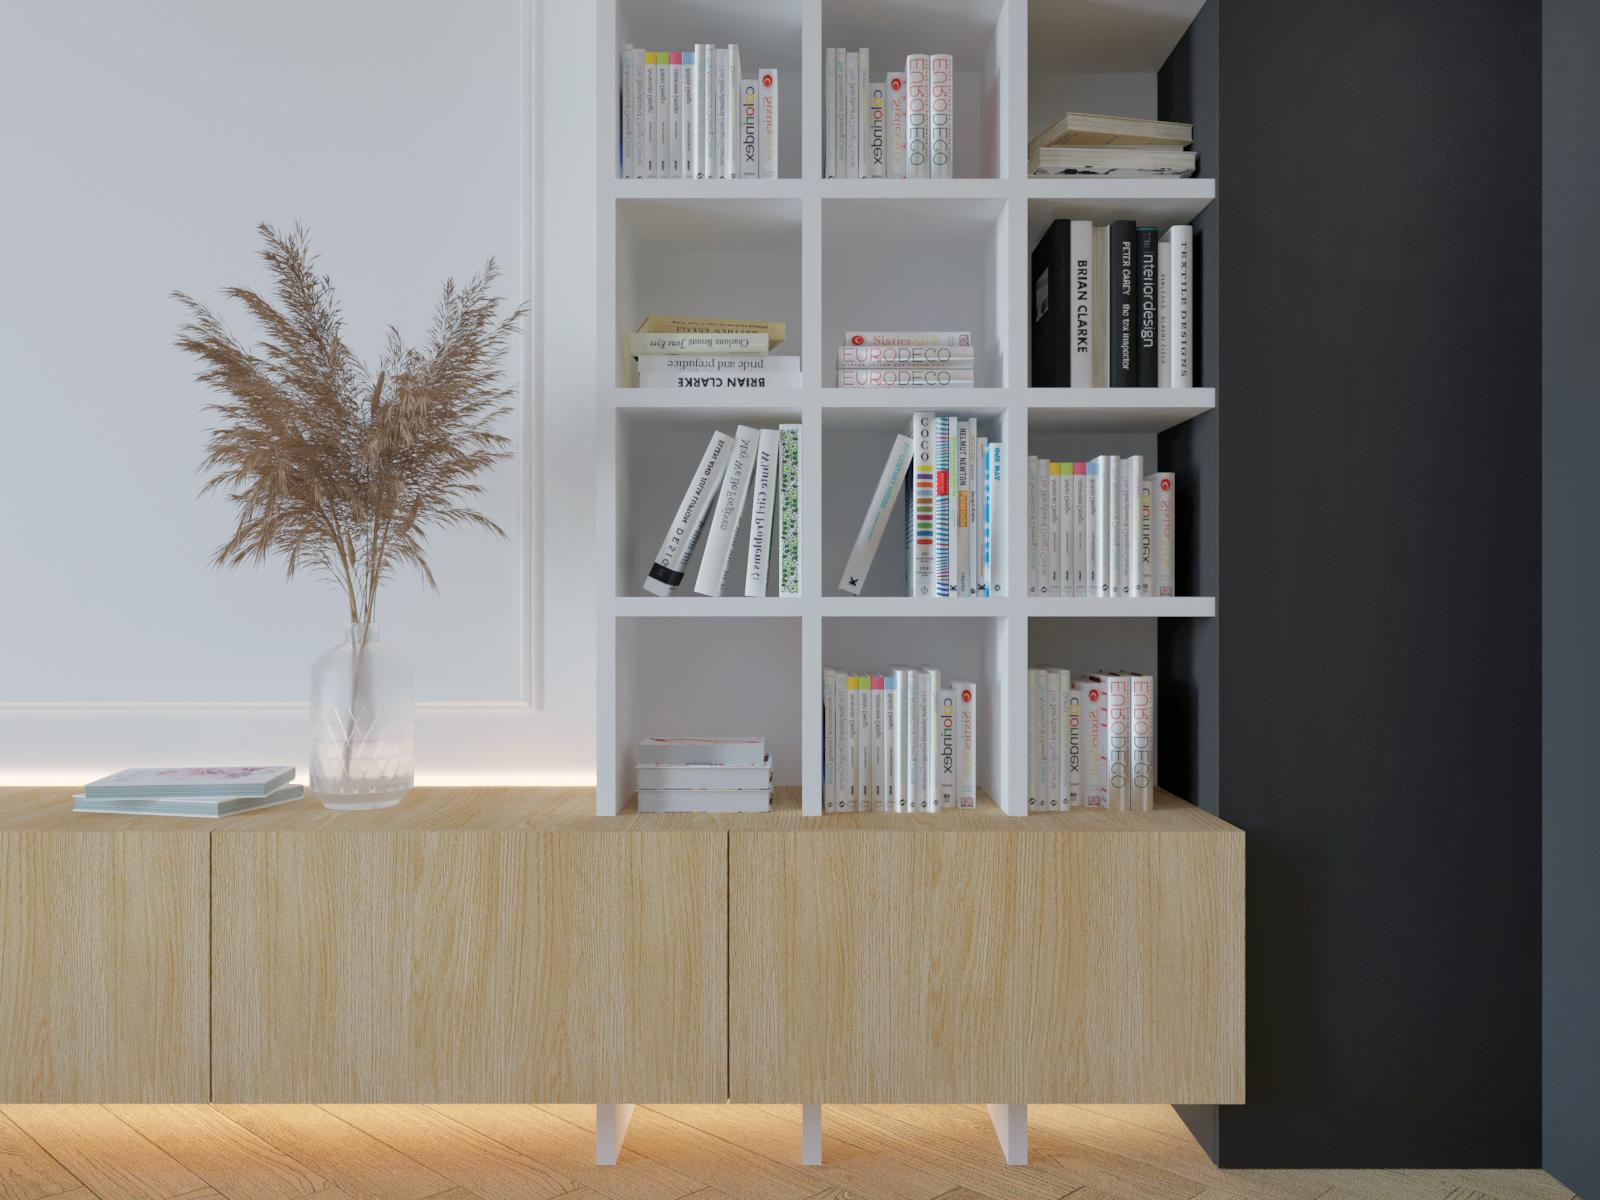 wizualizacja półki na ksiązki